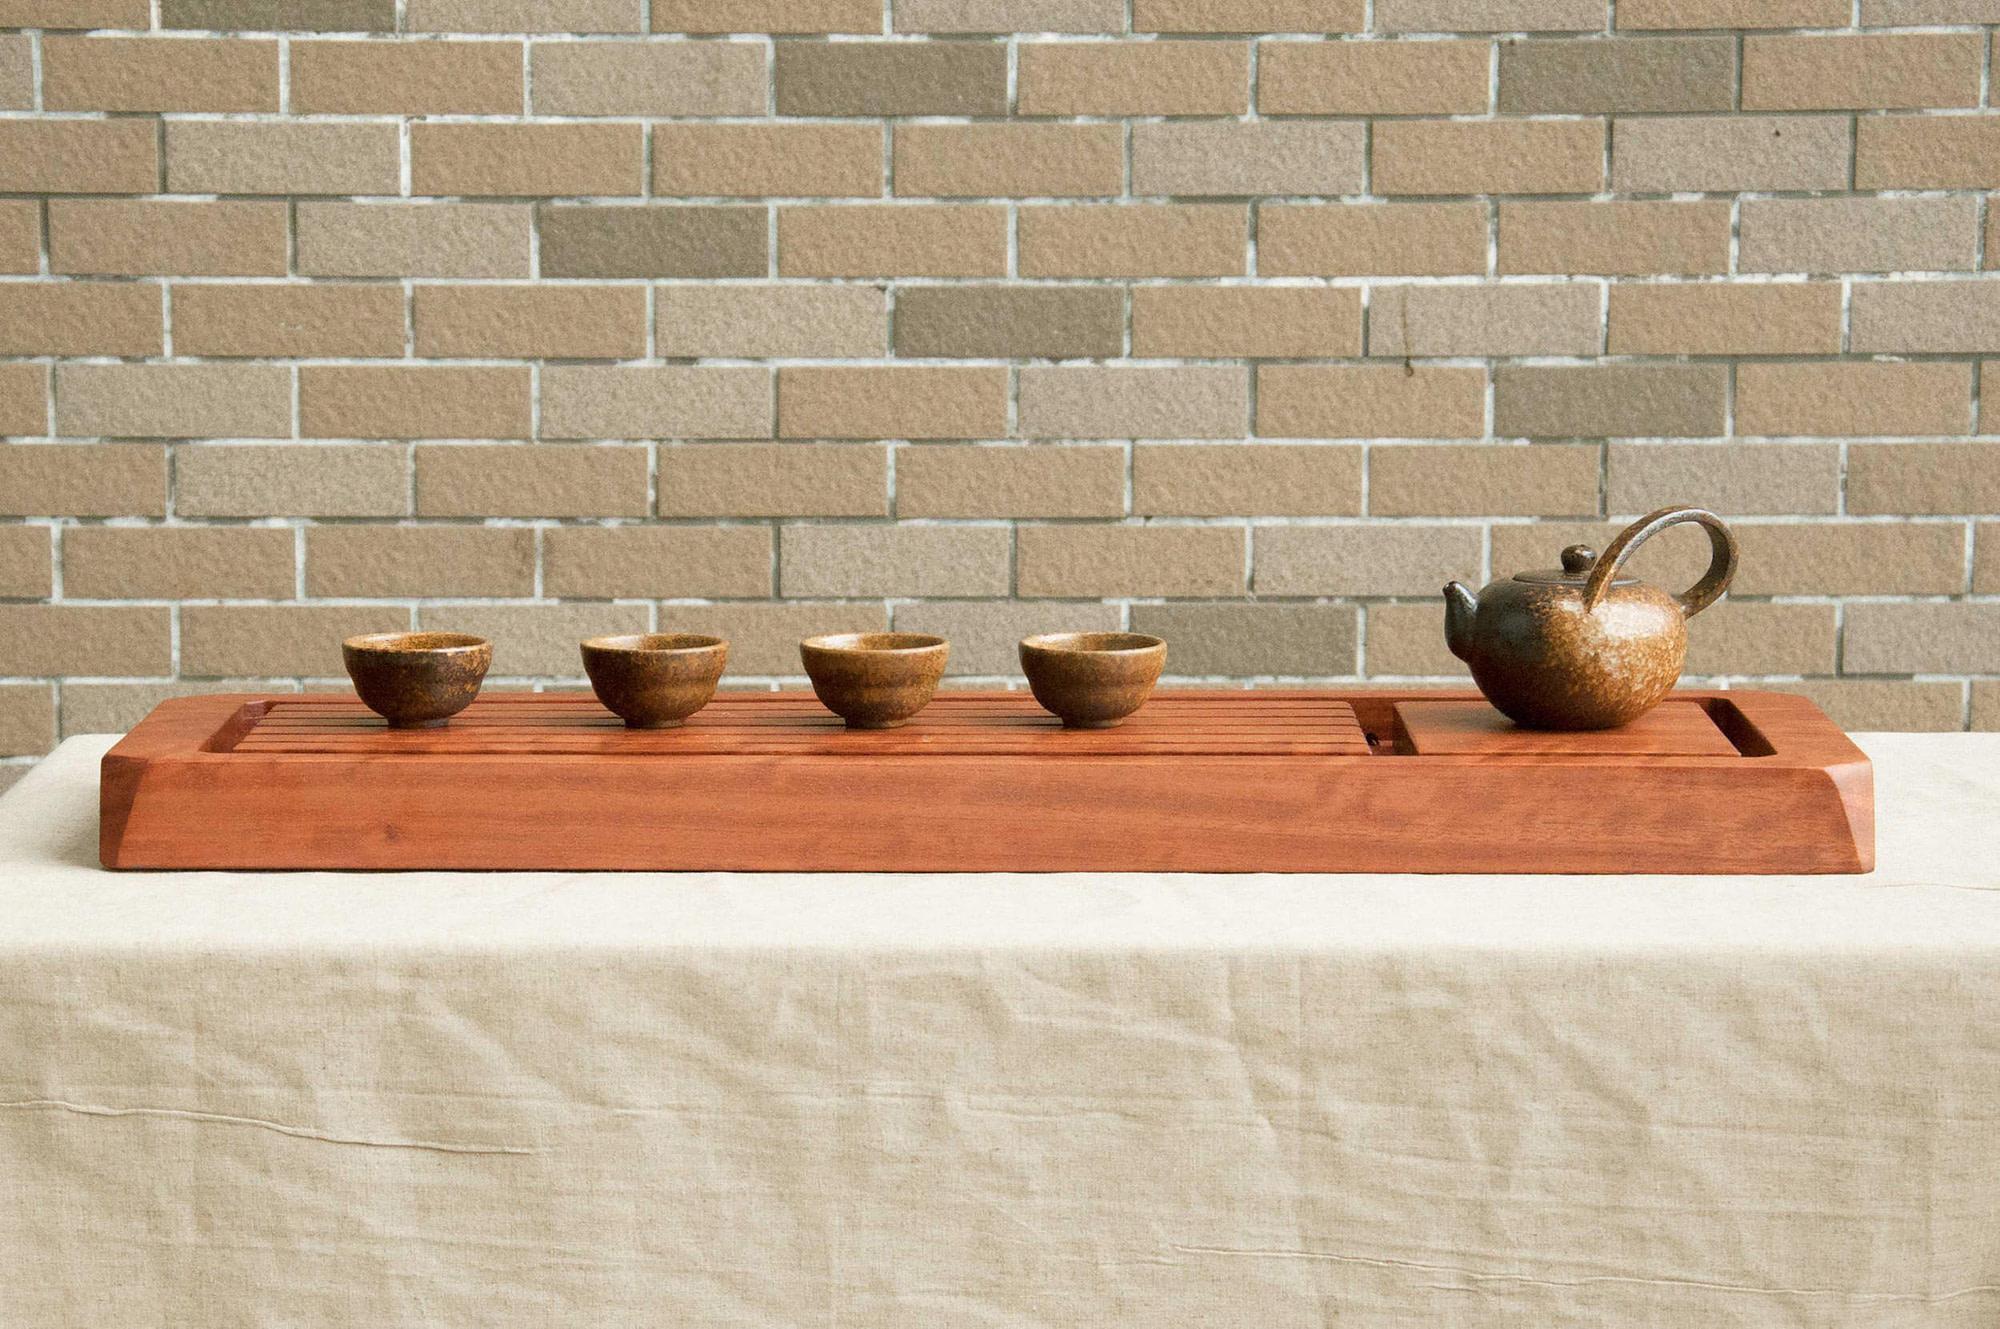 SHAN SHUI Teaware 7